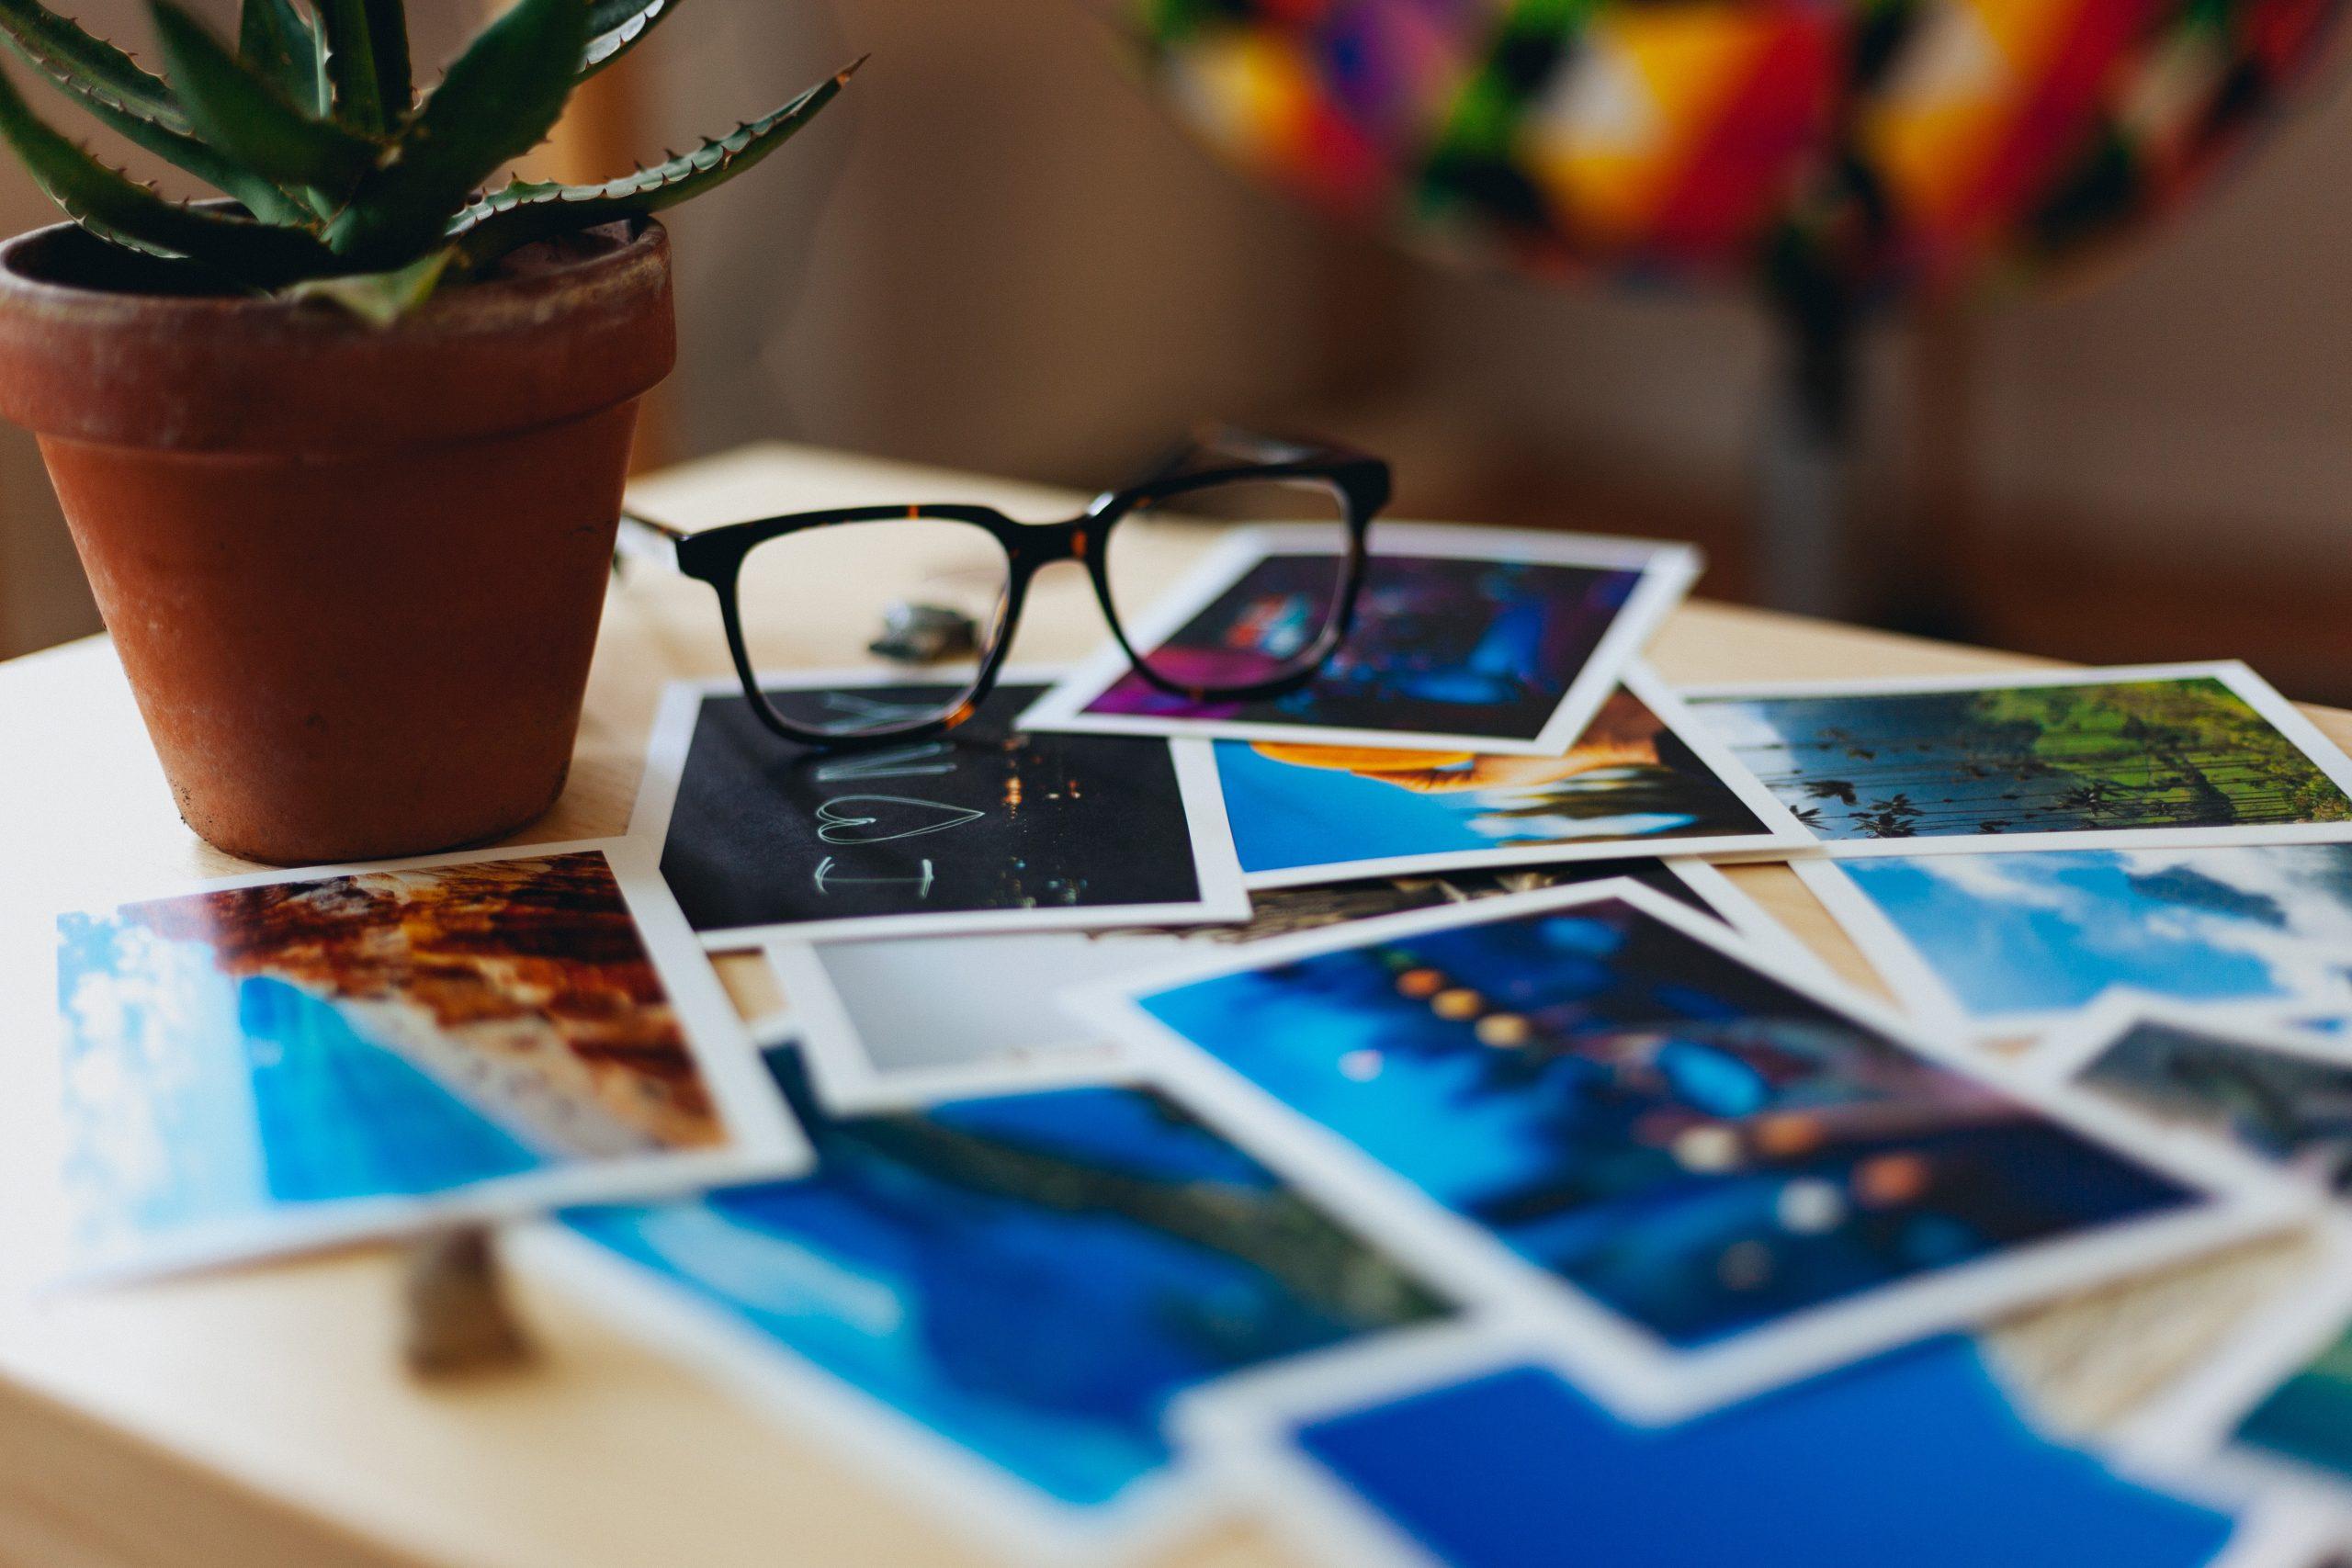 Gem feriebillederne i en smuk fotobog